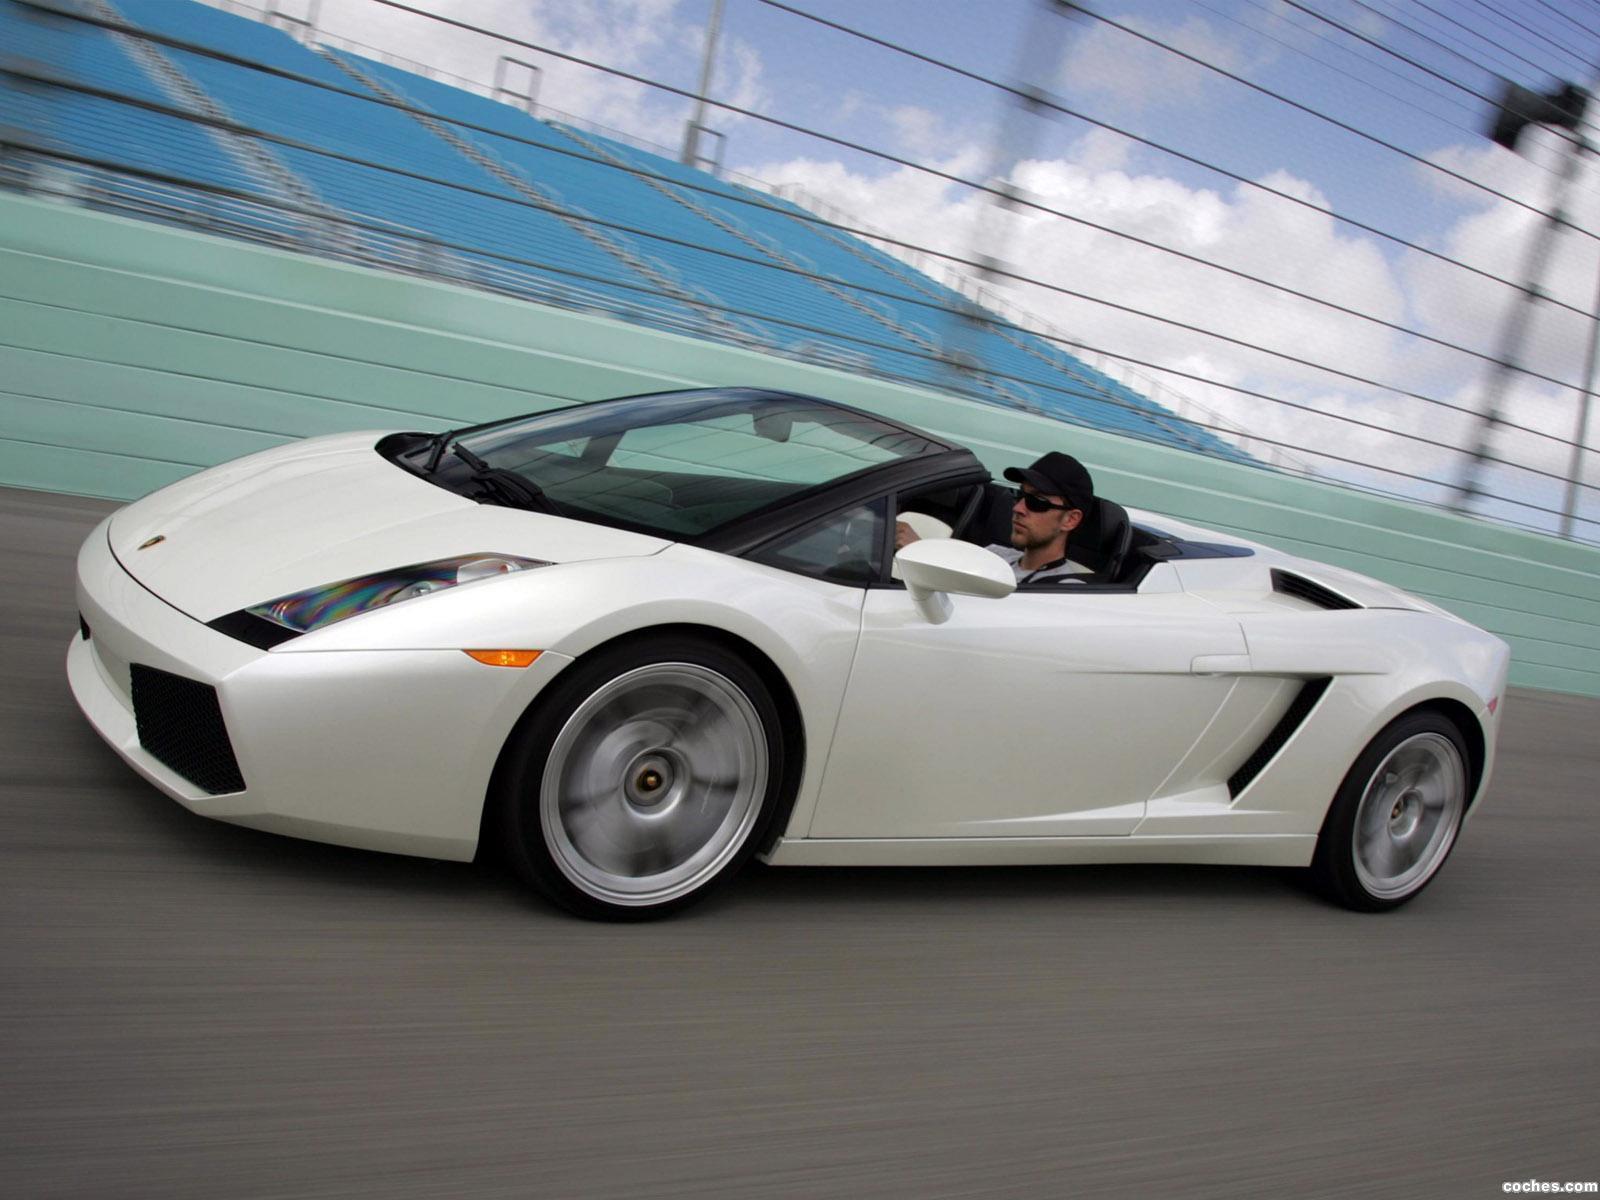 Foto 8 de Lamborghini Gallardo Spyder USA 2006